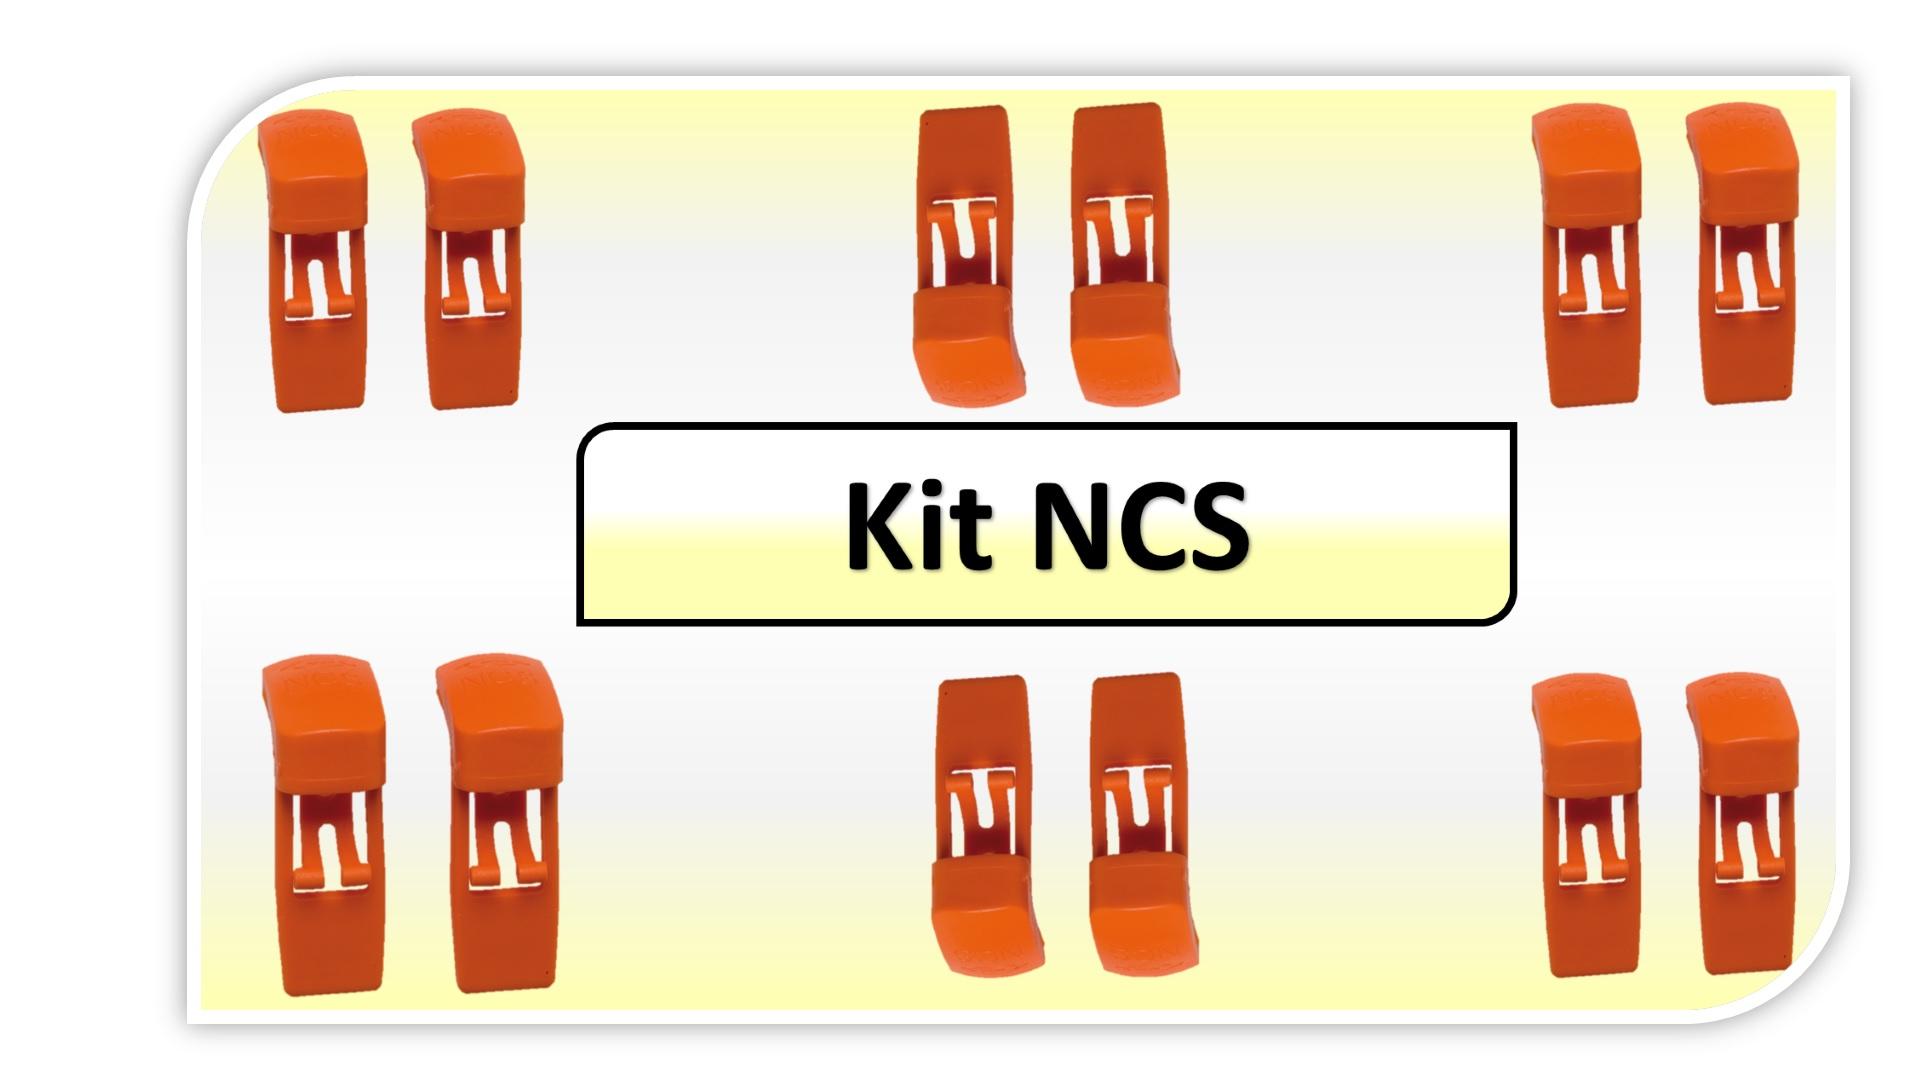 Kit NCS